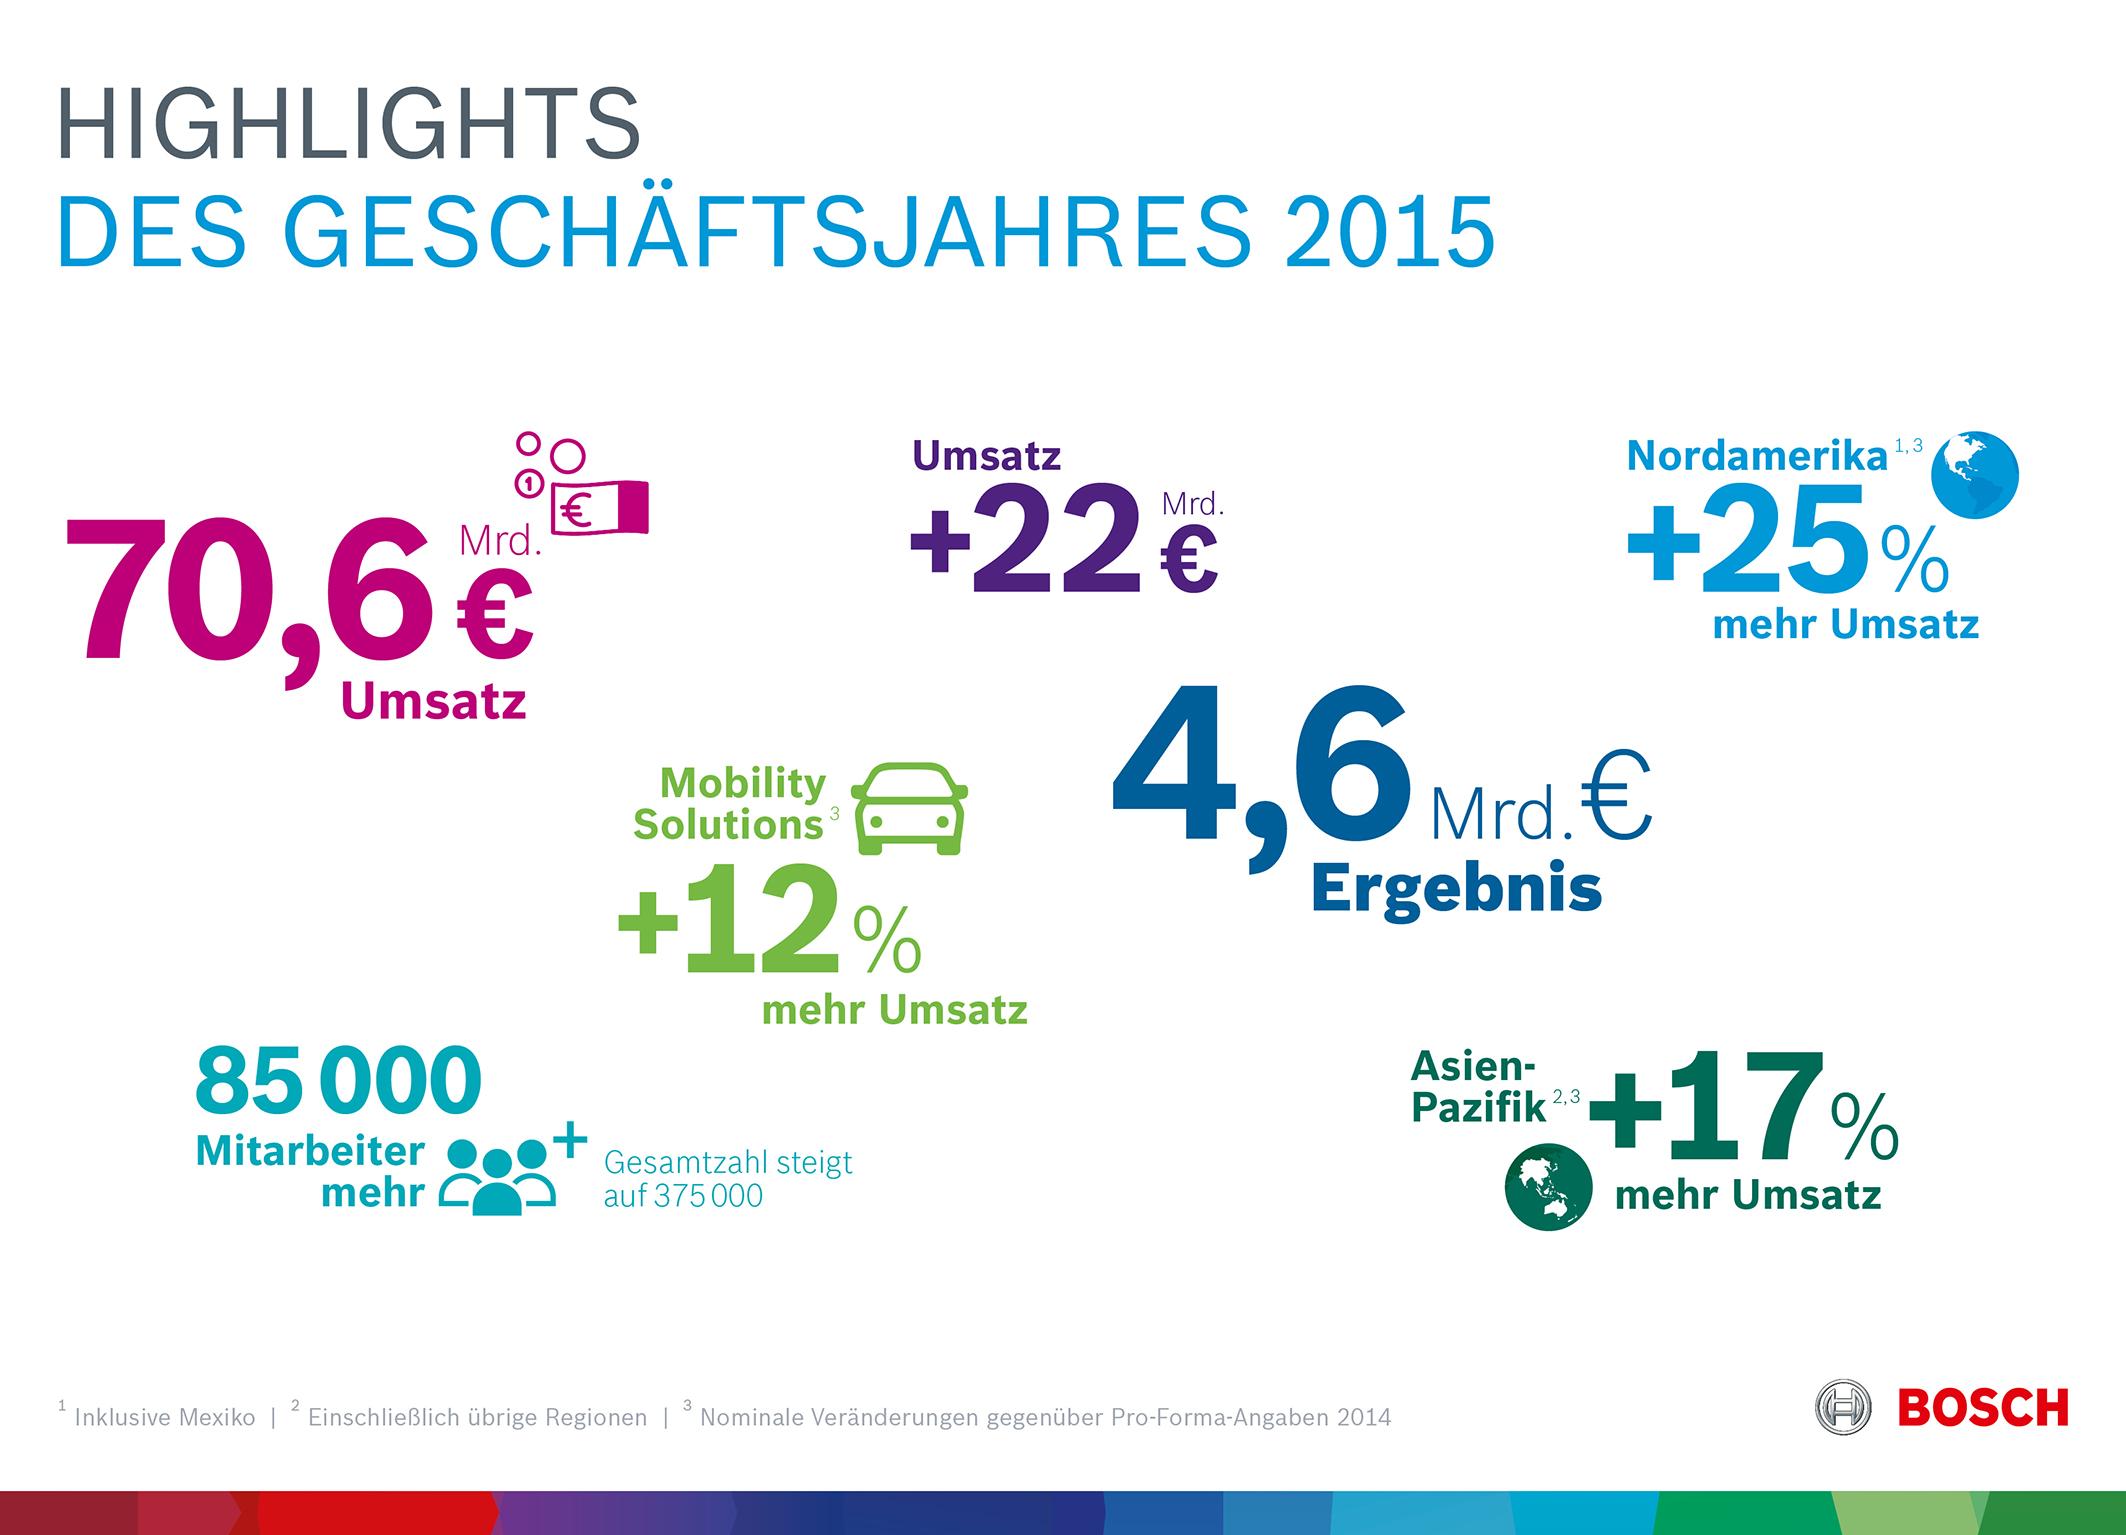 Kennzahlen 2015: Highlights des Geschäftsjahres 2015